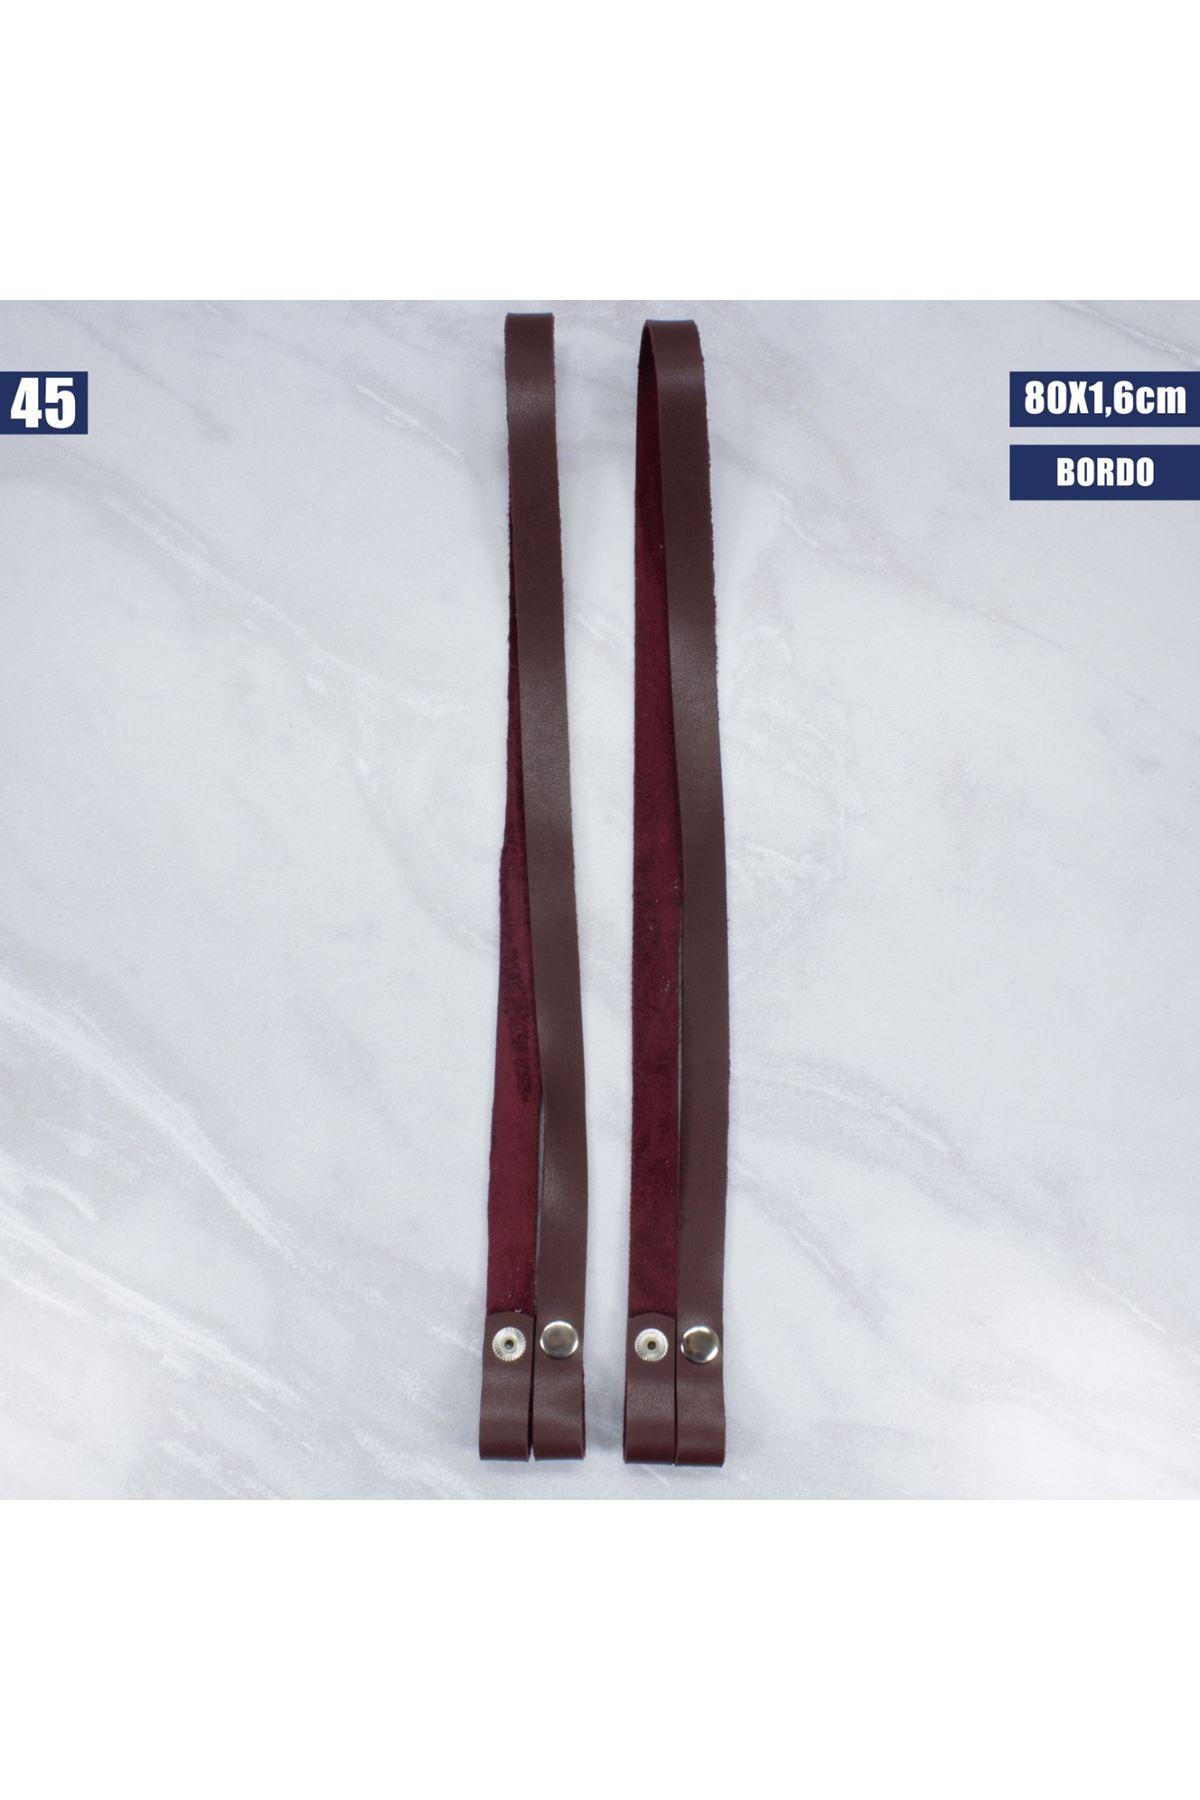 Deri Çıtçıtlı Çanta Sapı - 45